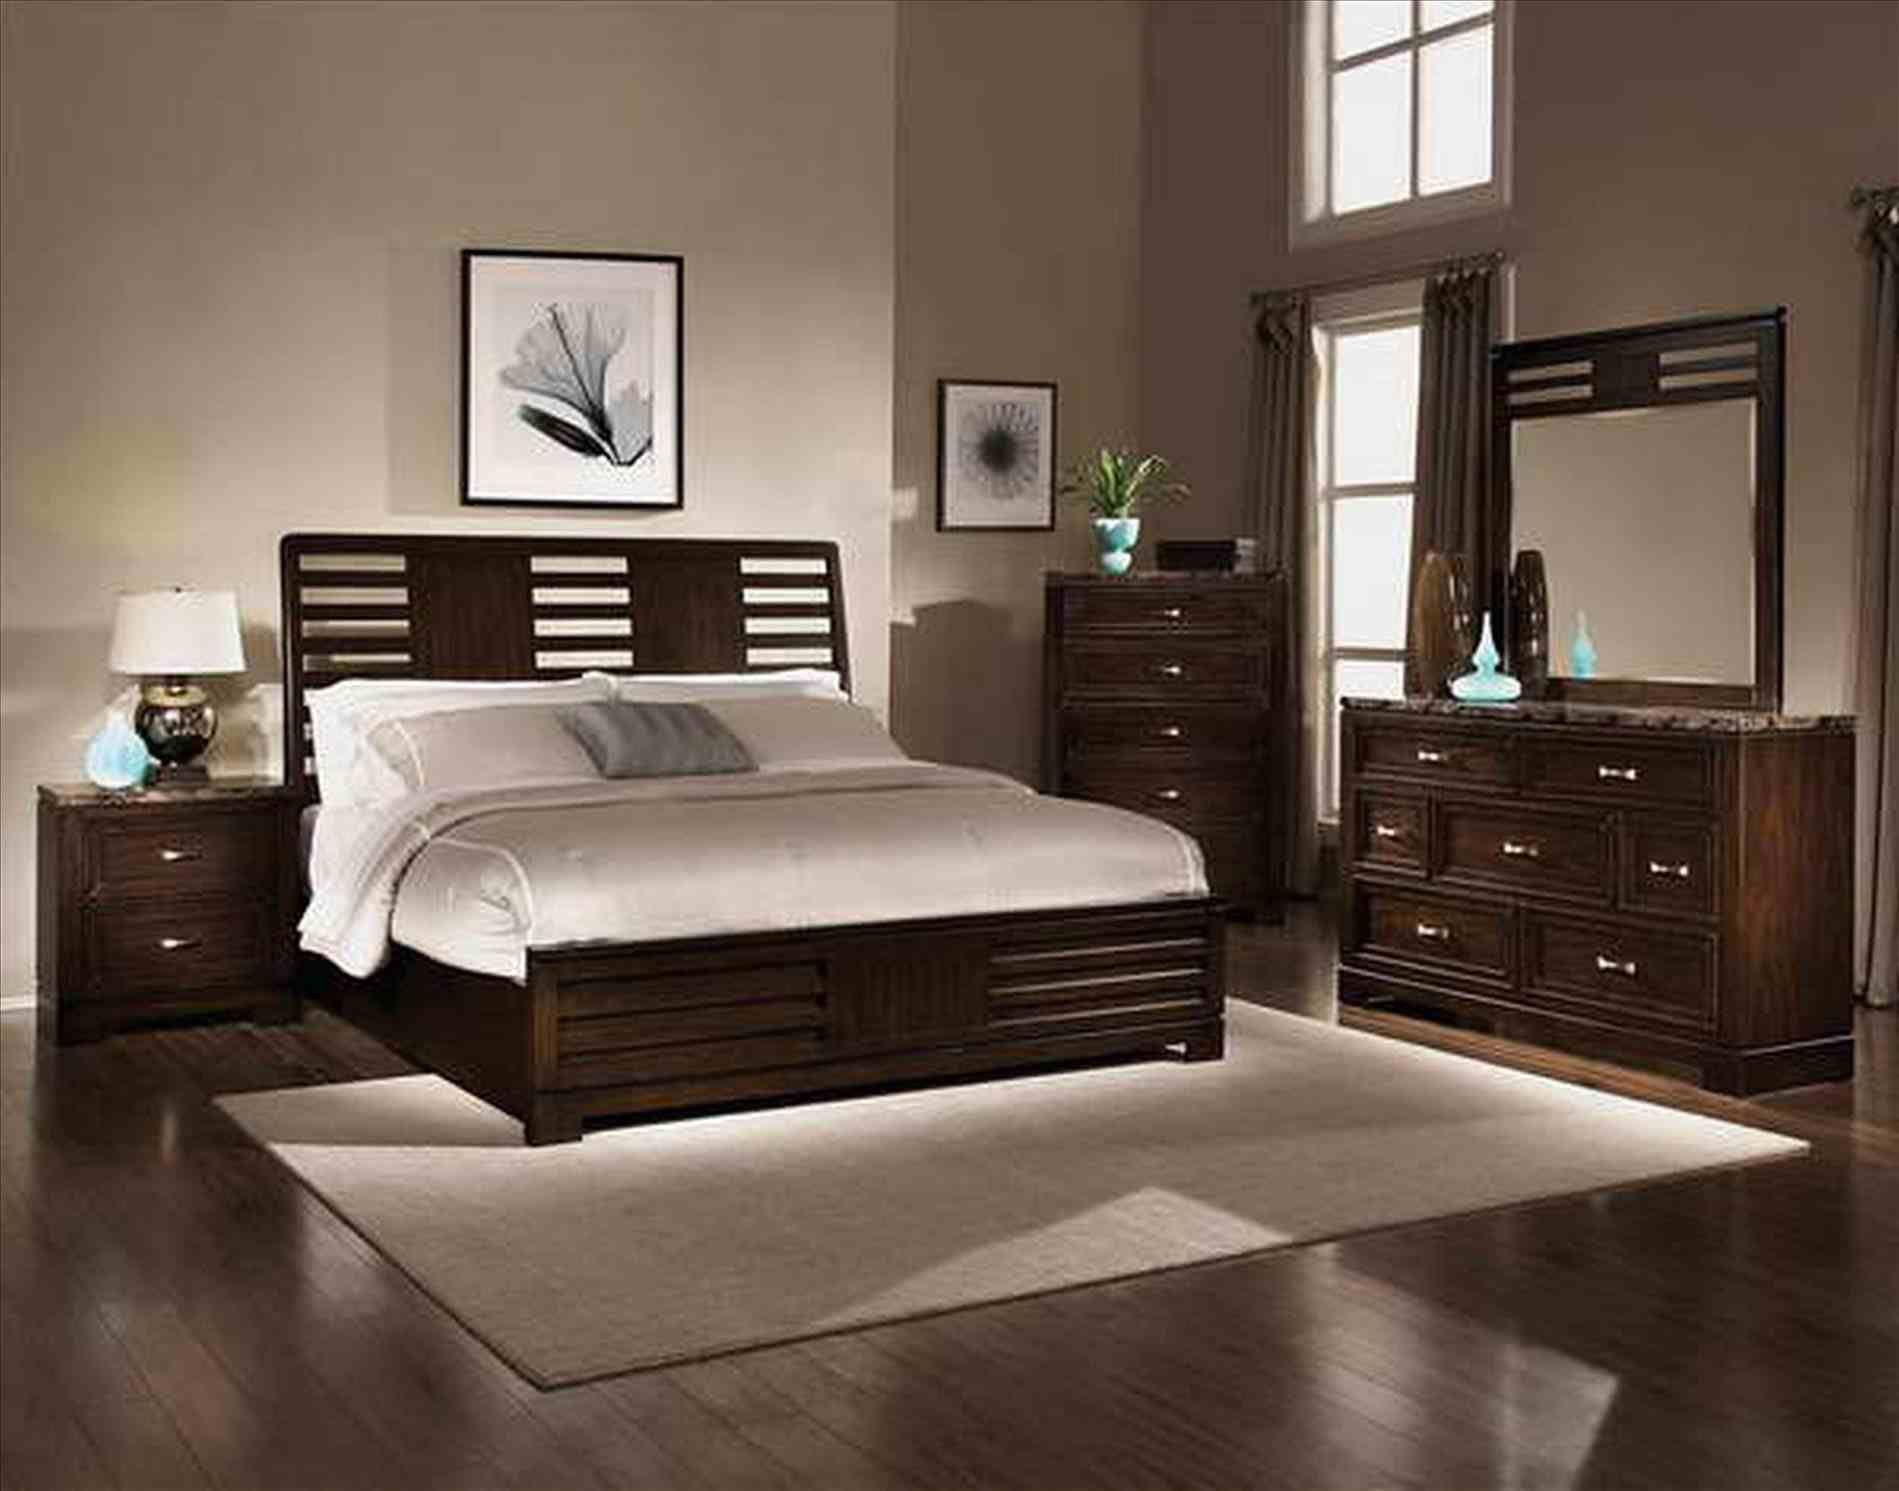 simple mens bedroom ideas   Bedroom color combination ...